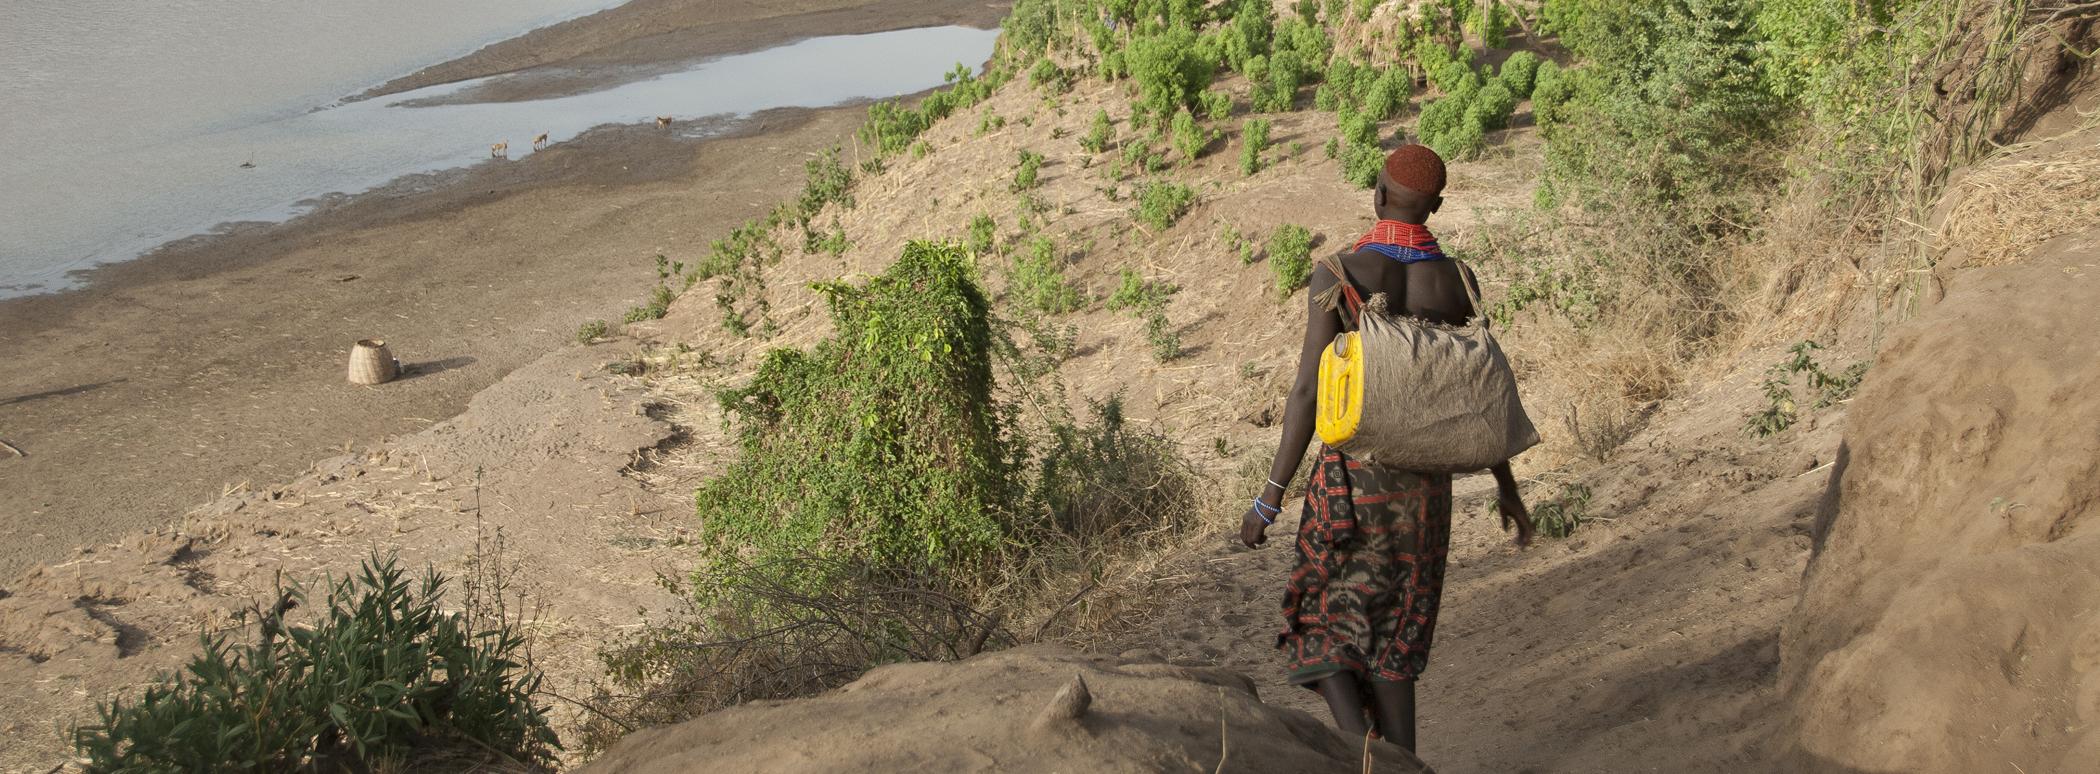 Karo woman down to the River Omo, Colcho, Ethiopia.